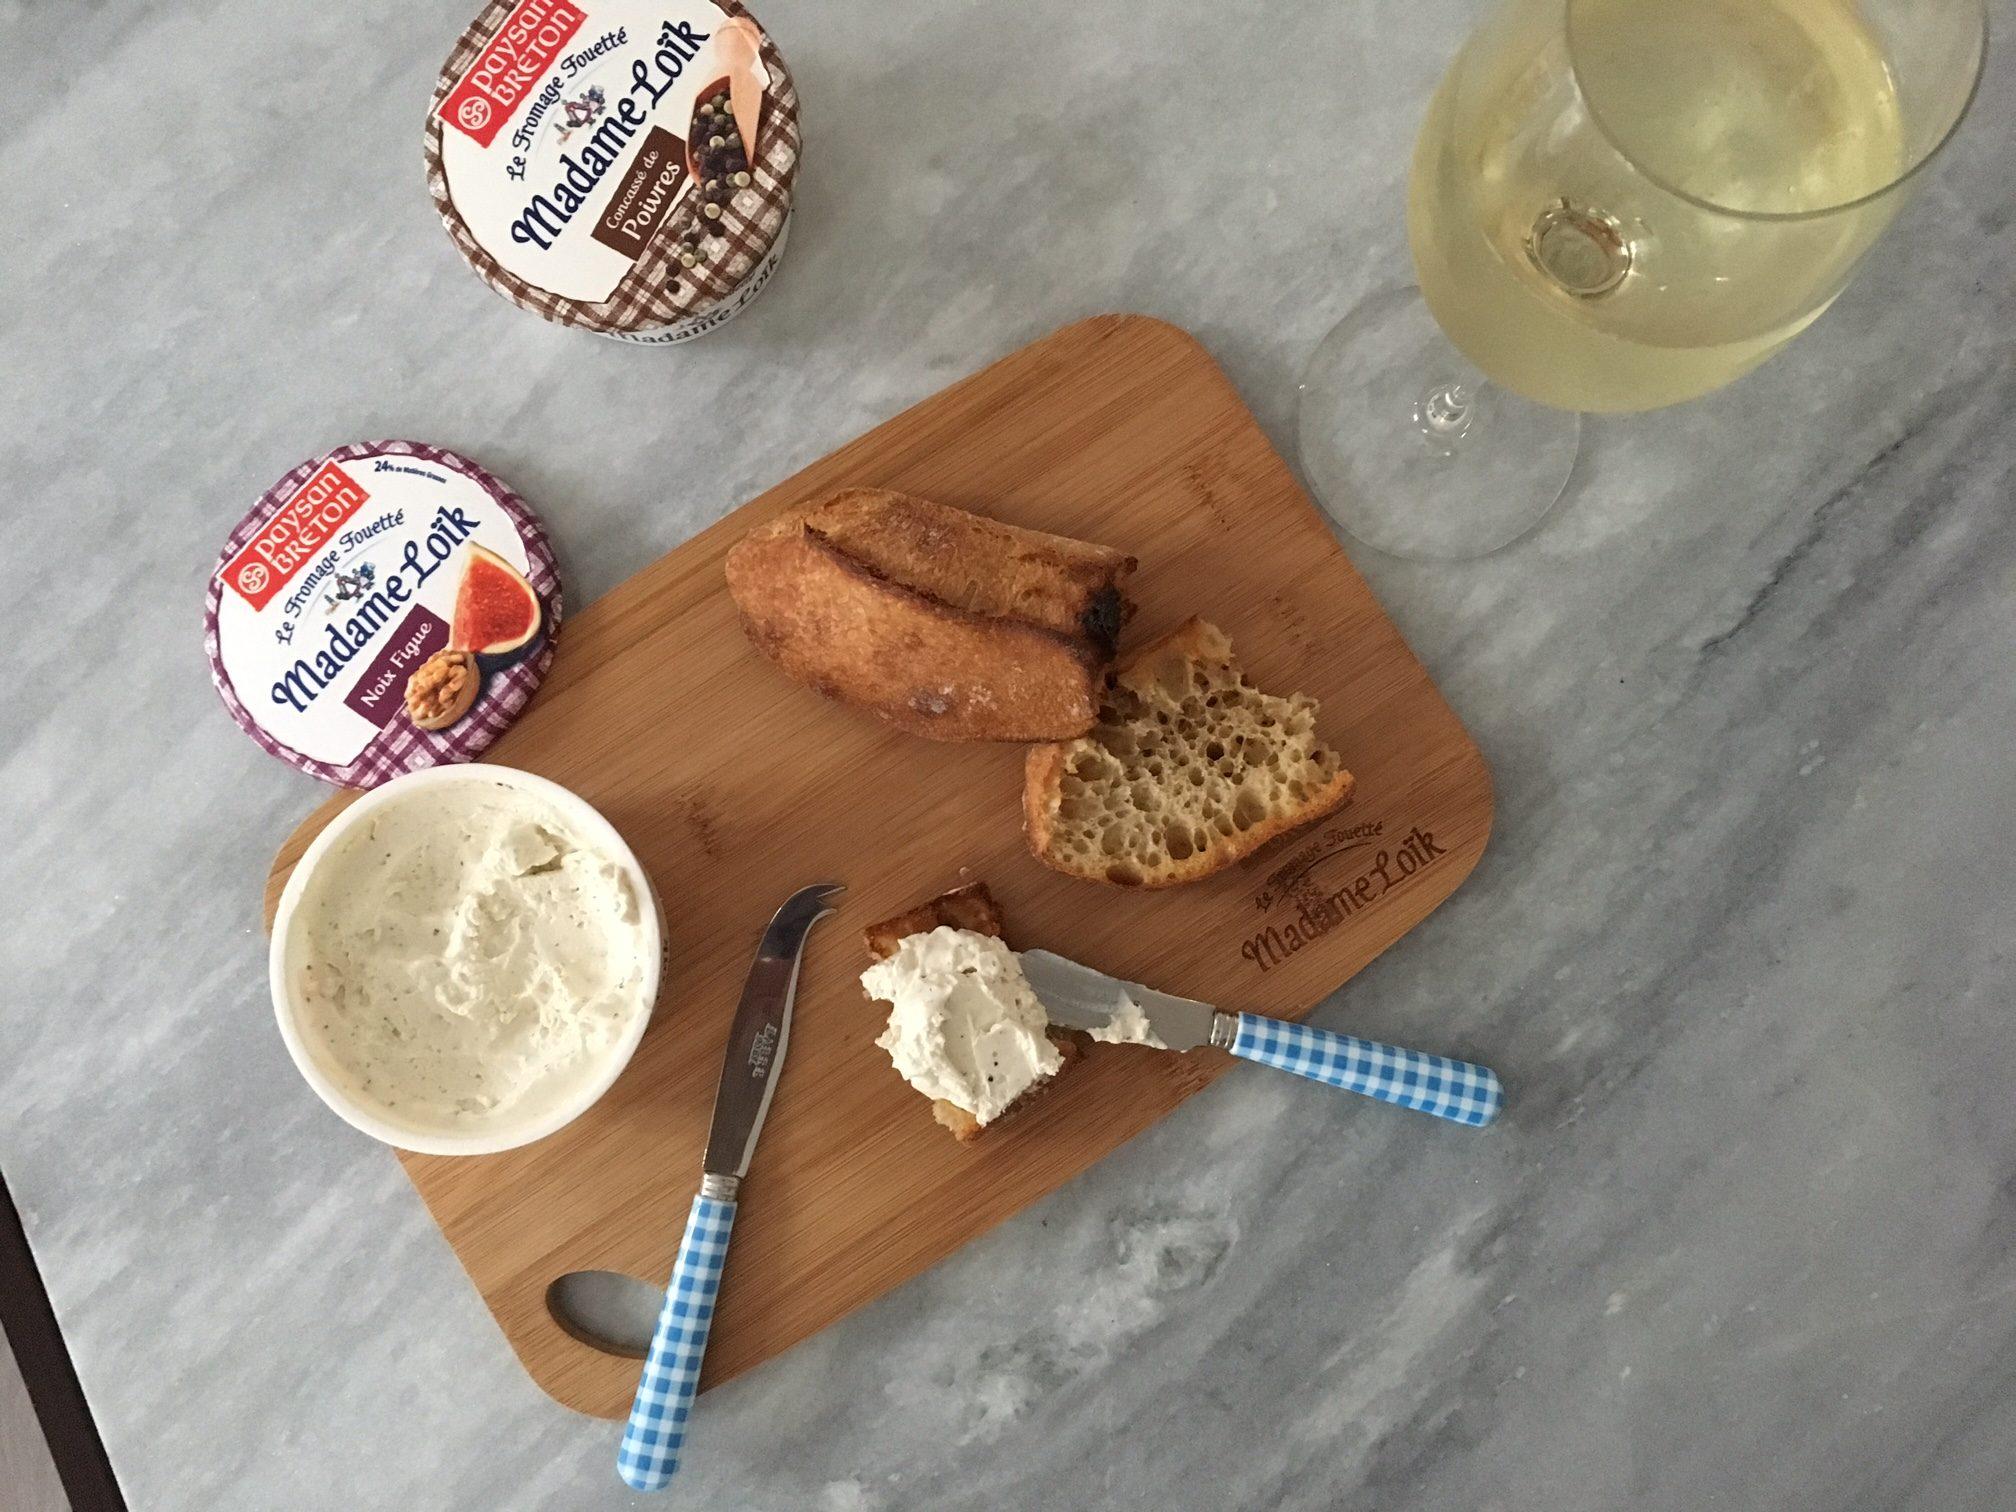 Les Papotages de Nana - Velouté butternut Madame Loic